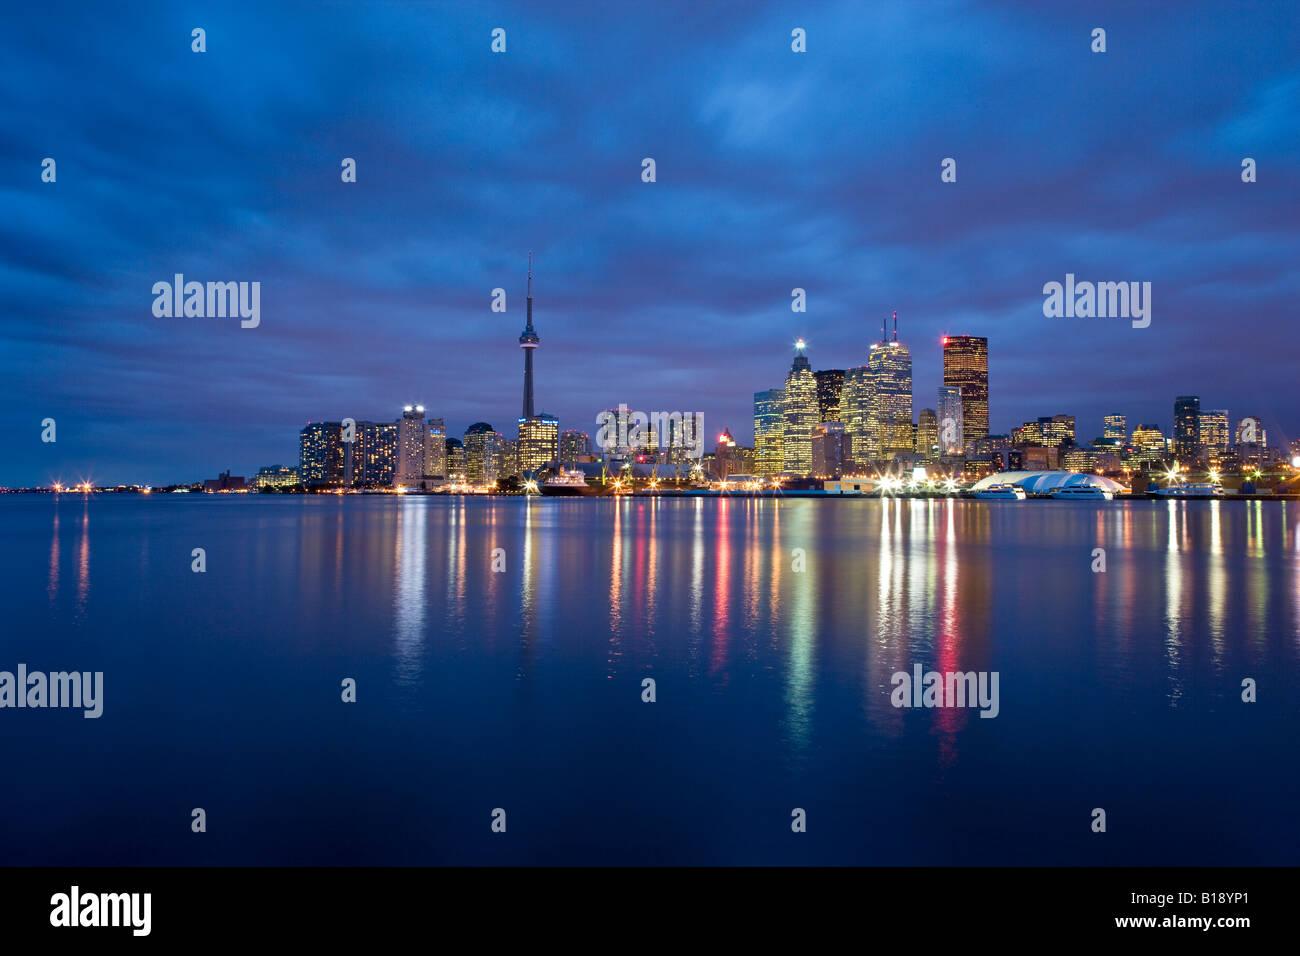 La ville de Toronto la nuit de 'Les quais', Toronto, Ontario, Canada. Banque D'Images